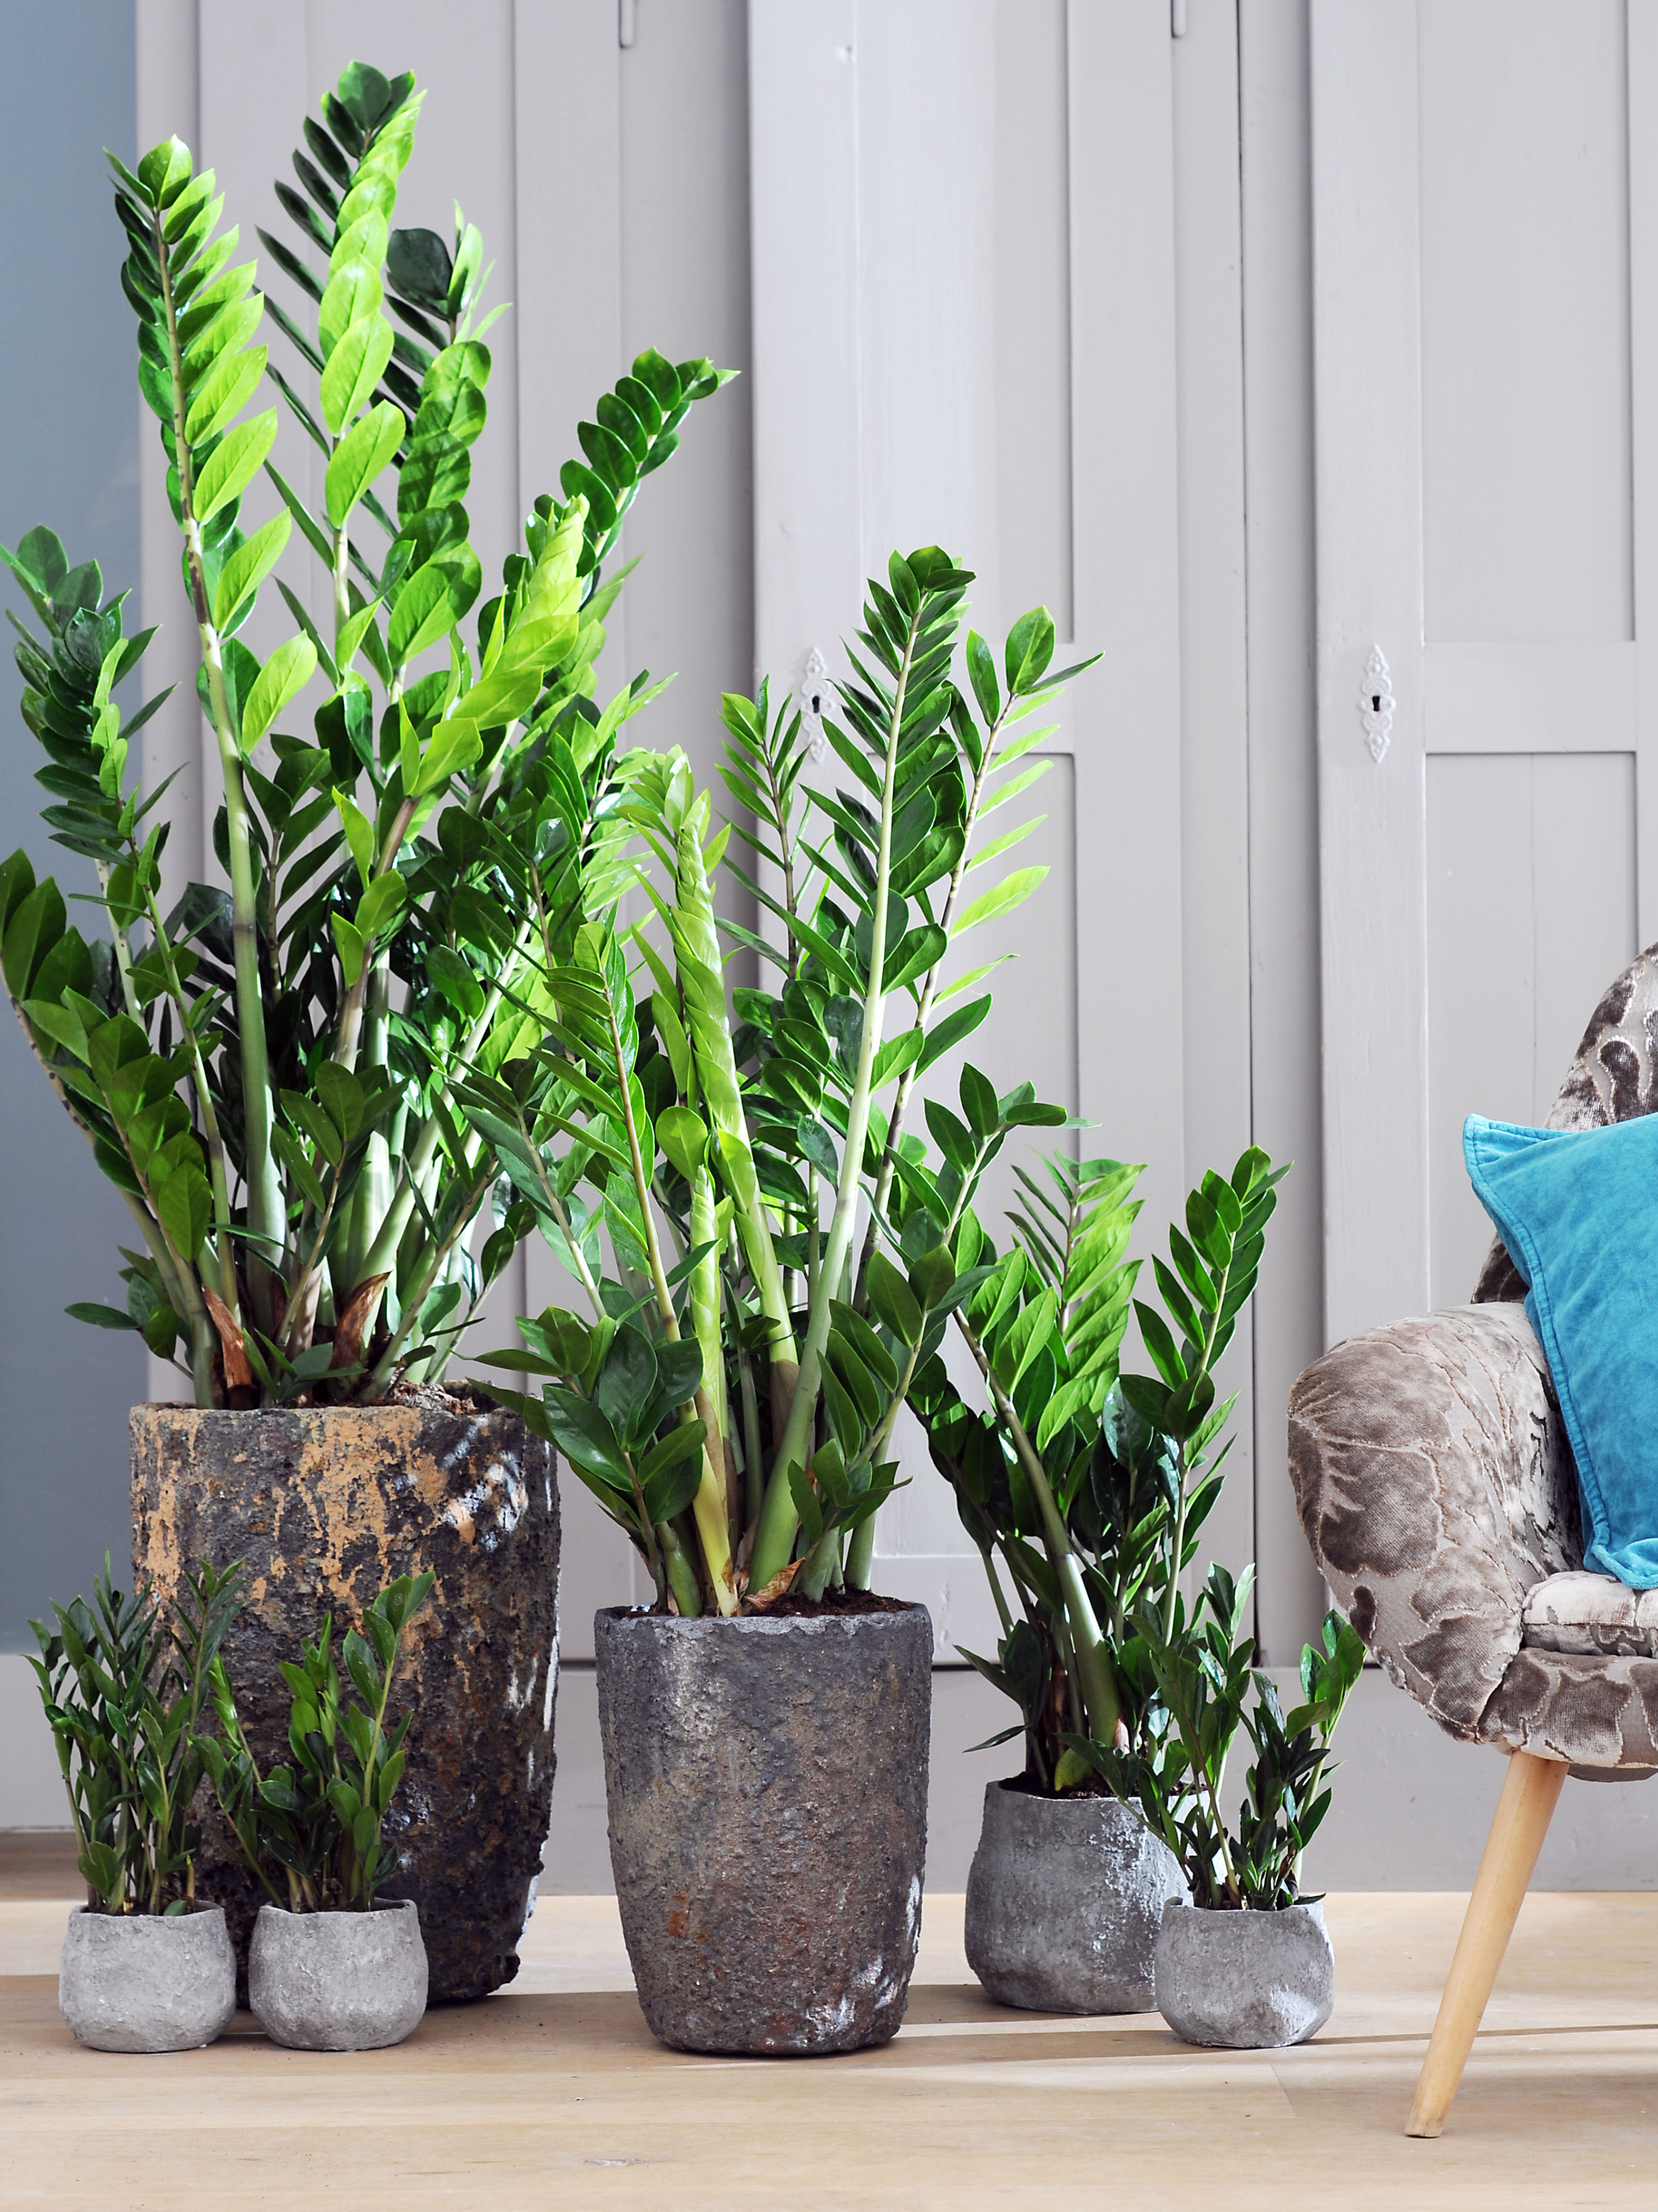 D perfecte pot voor je plant mooi wat planten doen for Plant de pot exterieur